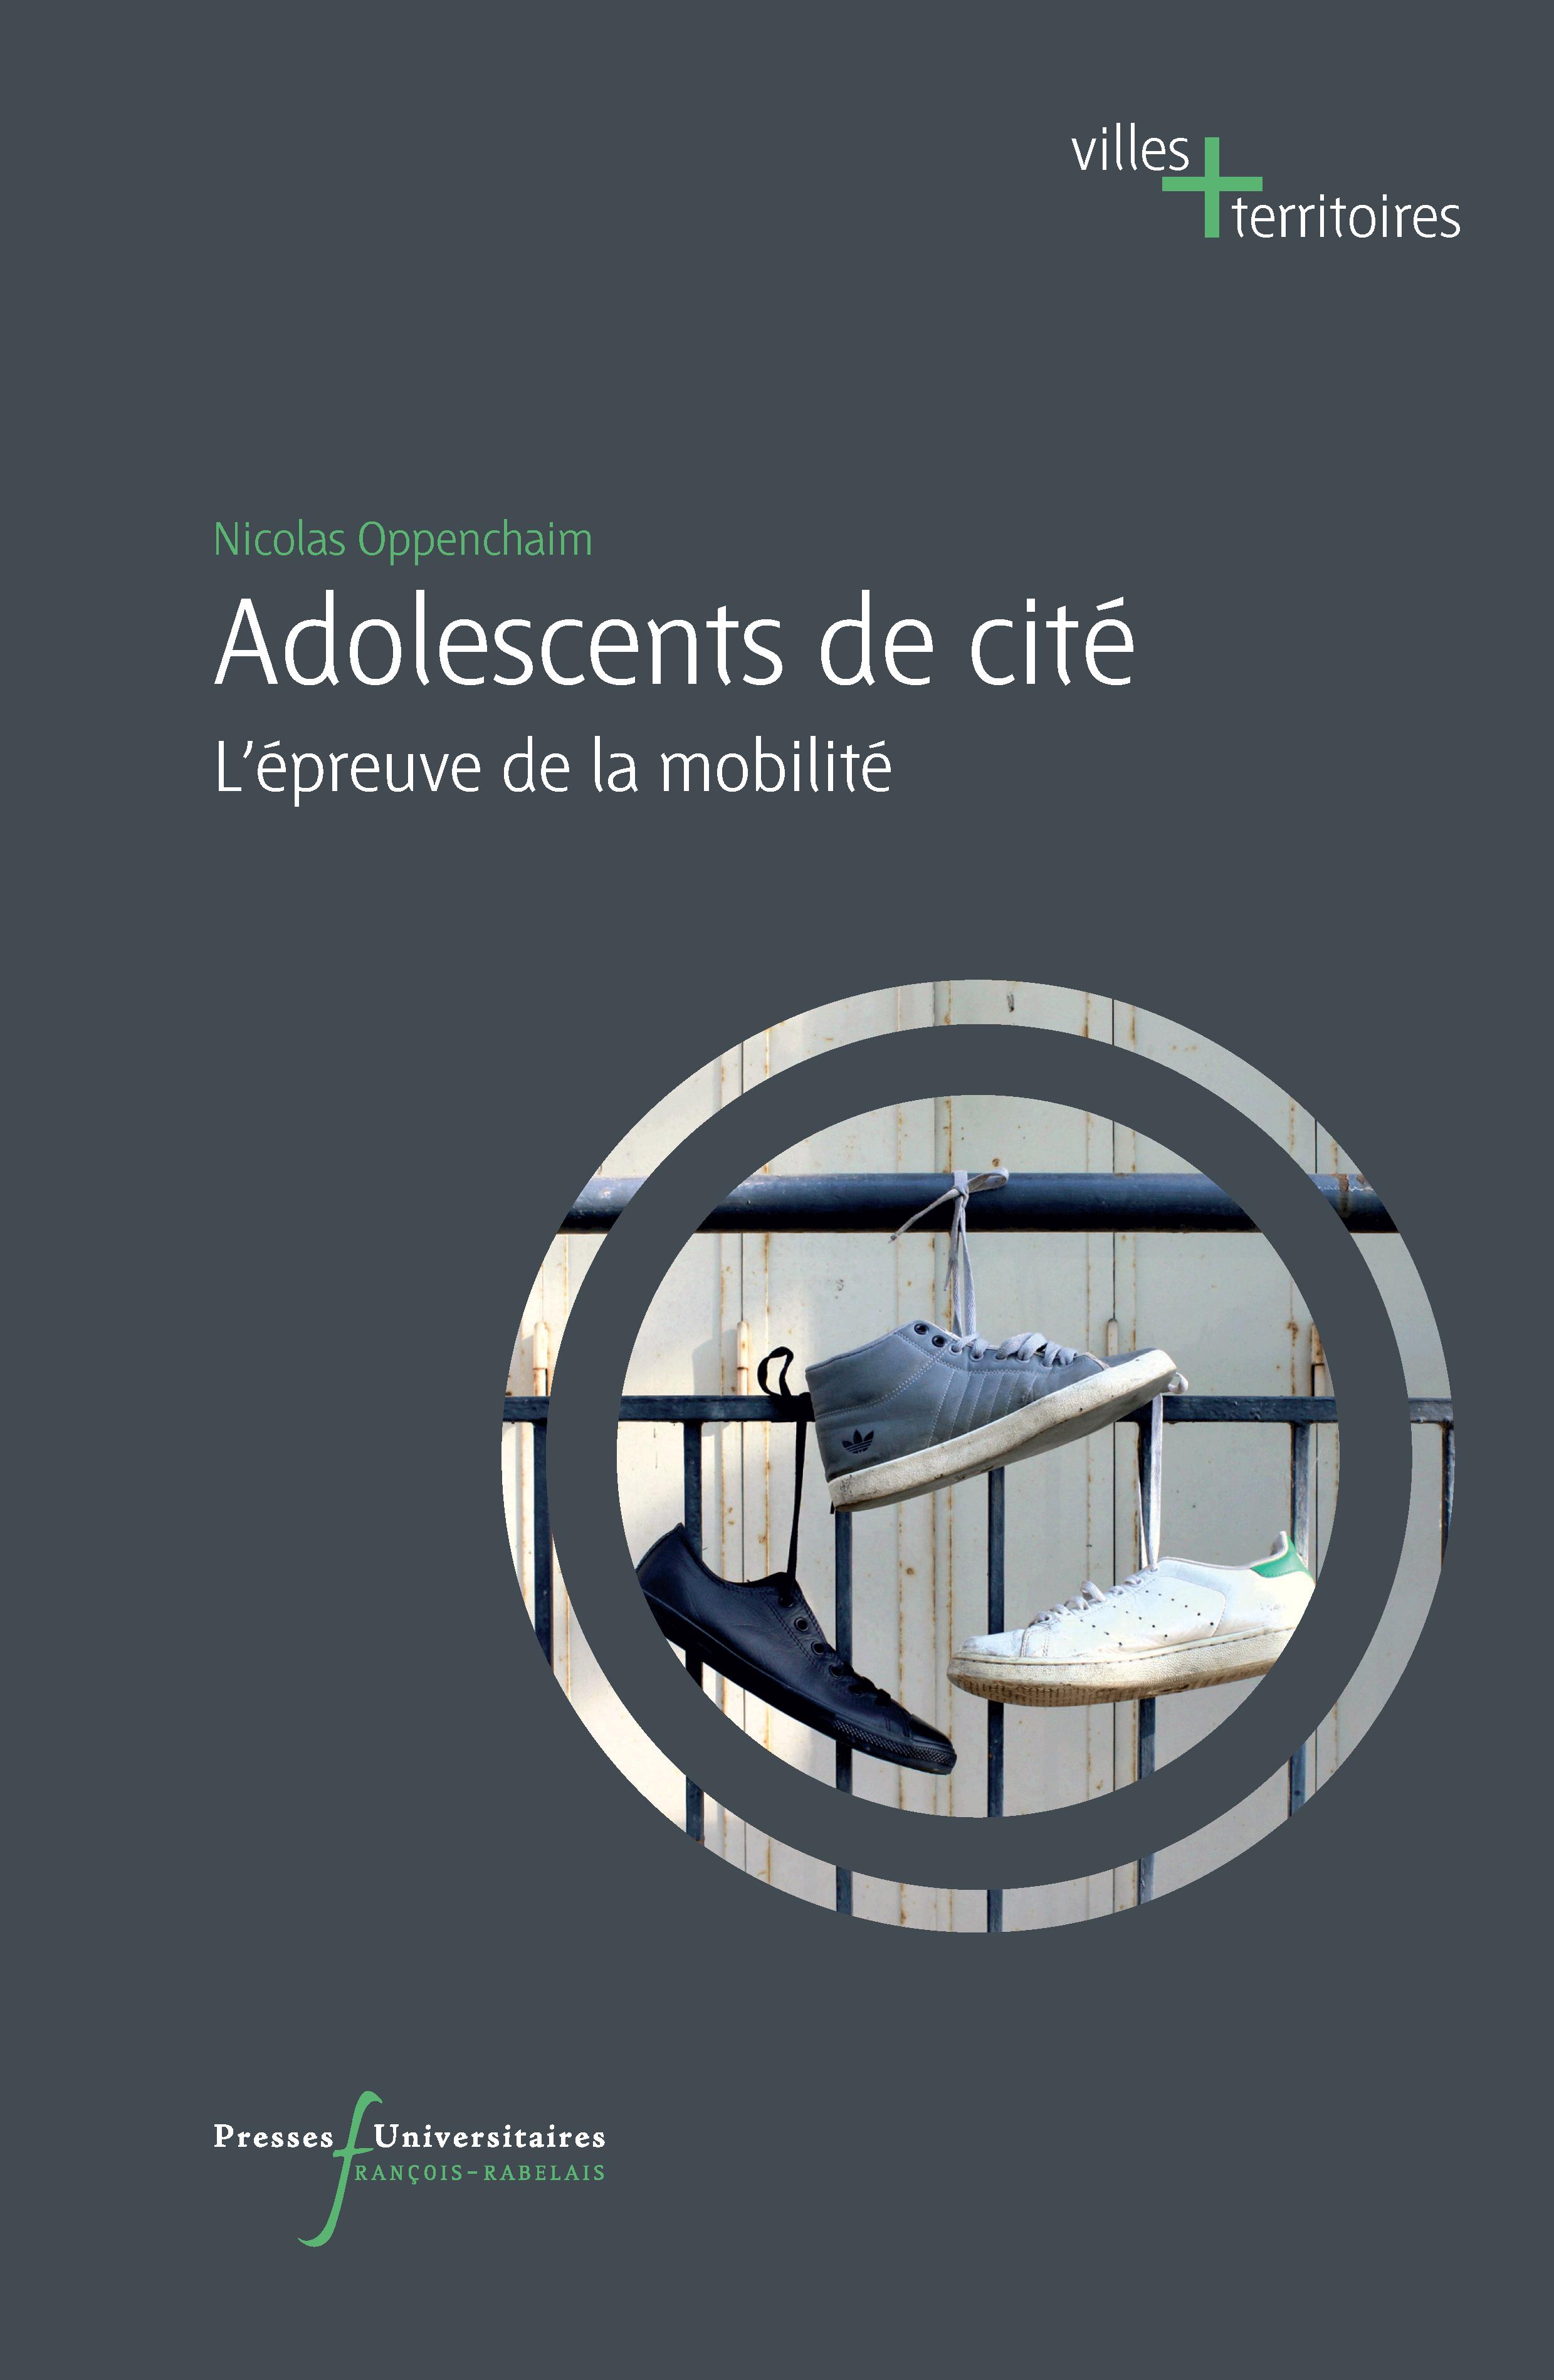 Adolescents de cité